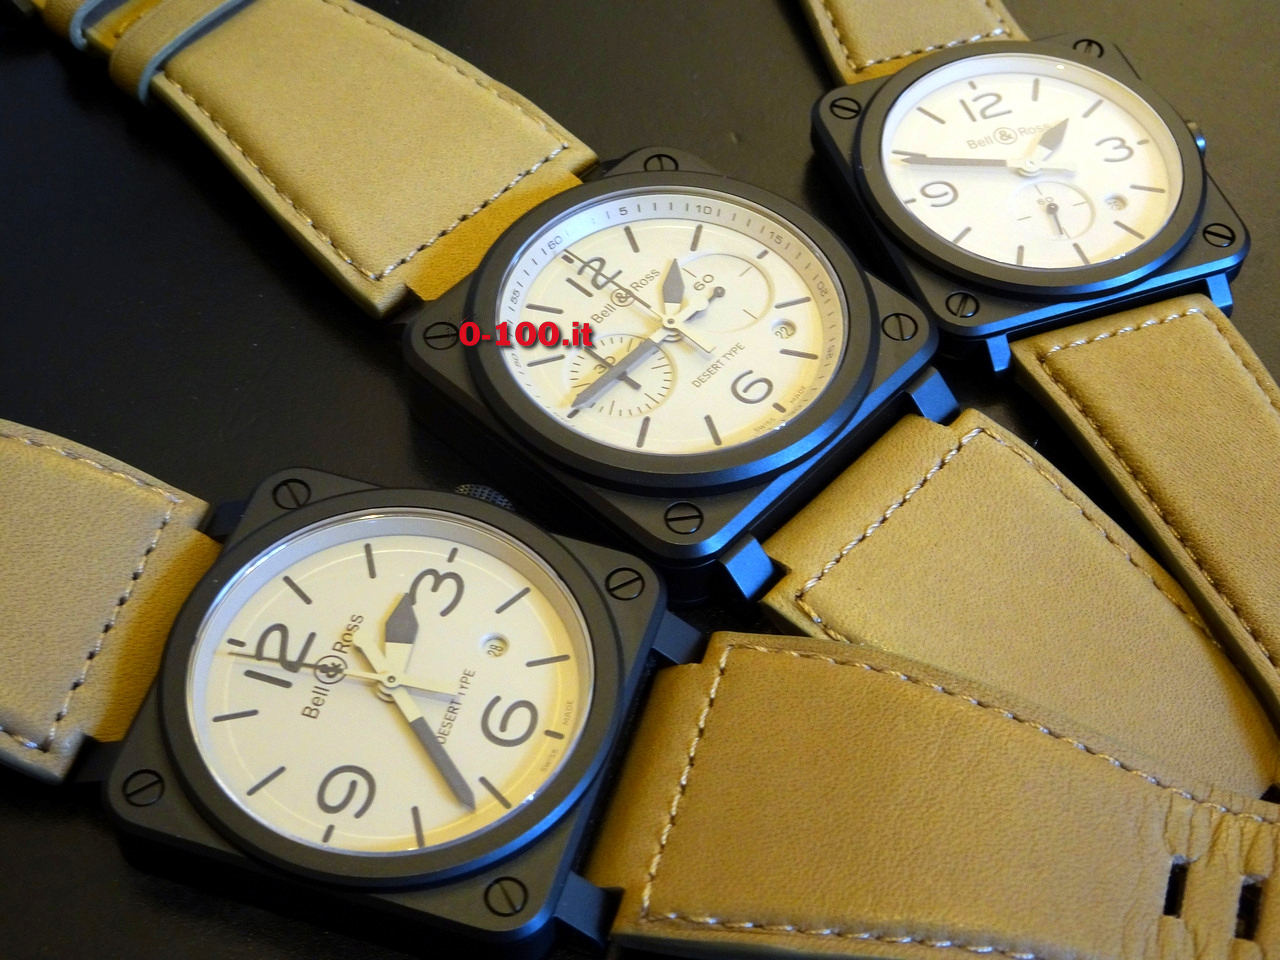 bell-ross-BR03-Desert-Type-prezzo-price-0-100_32